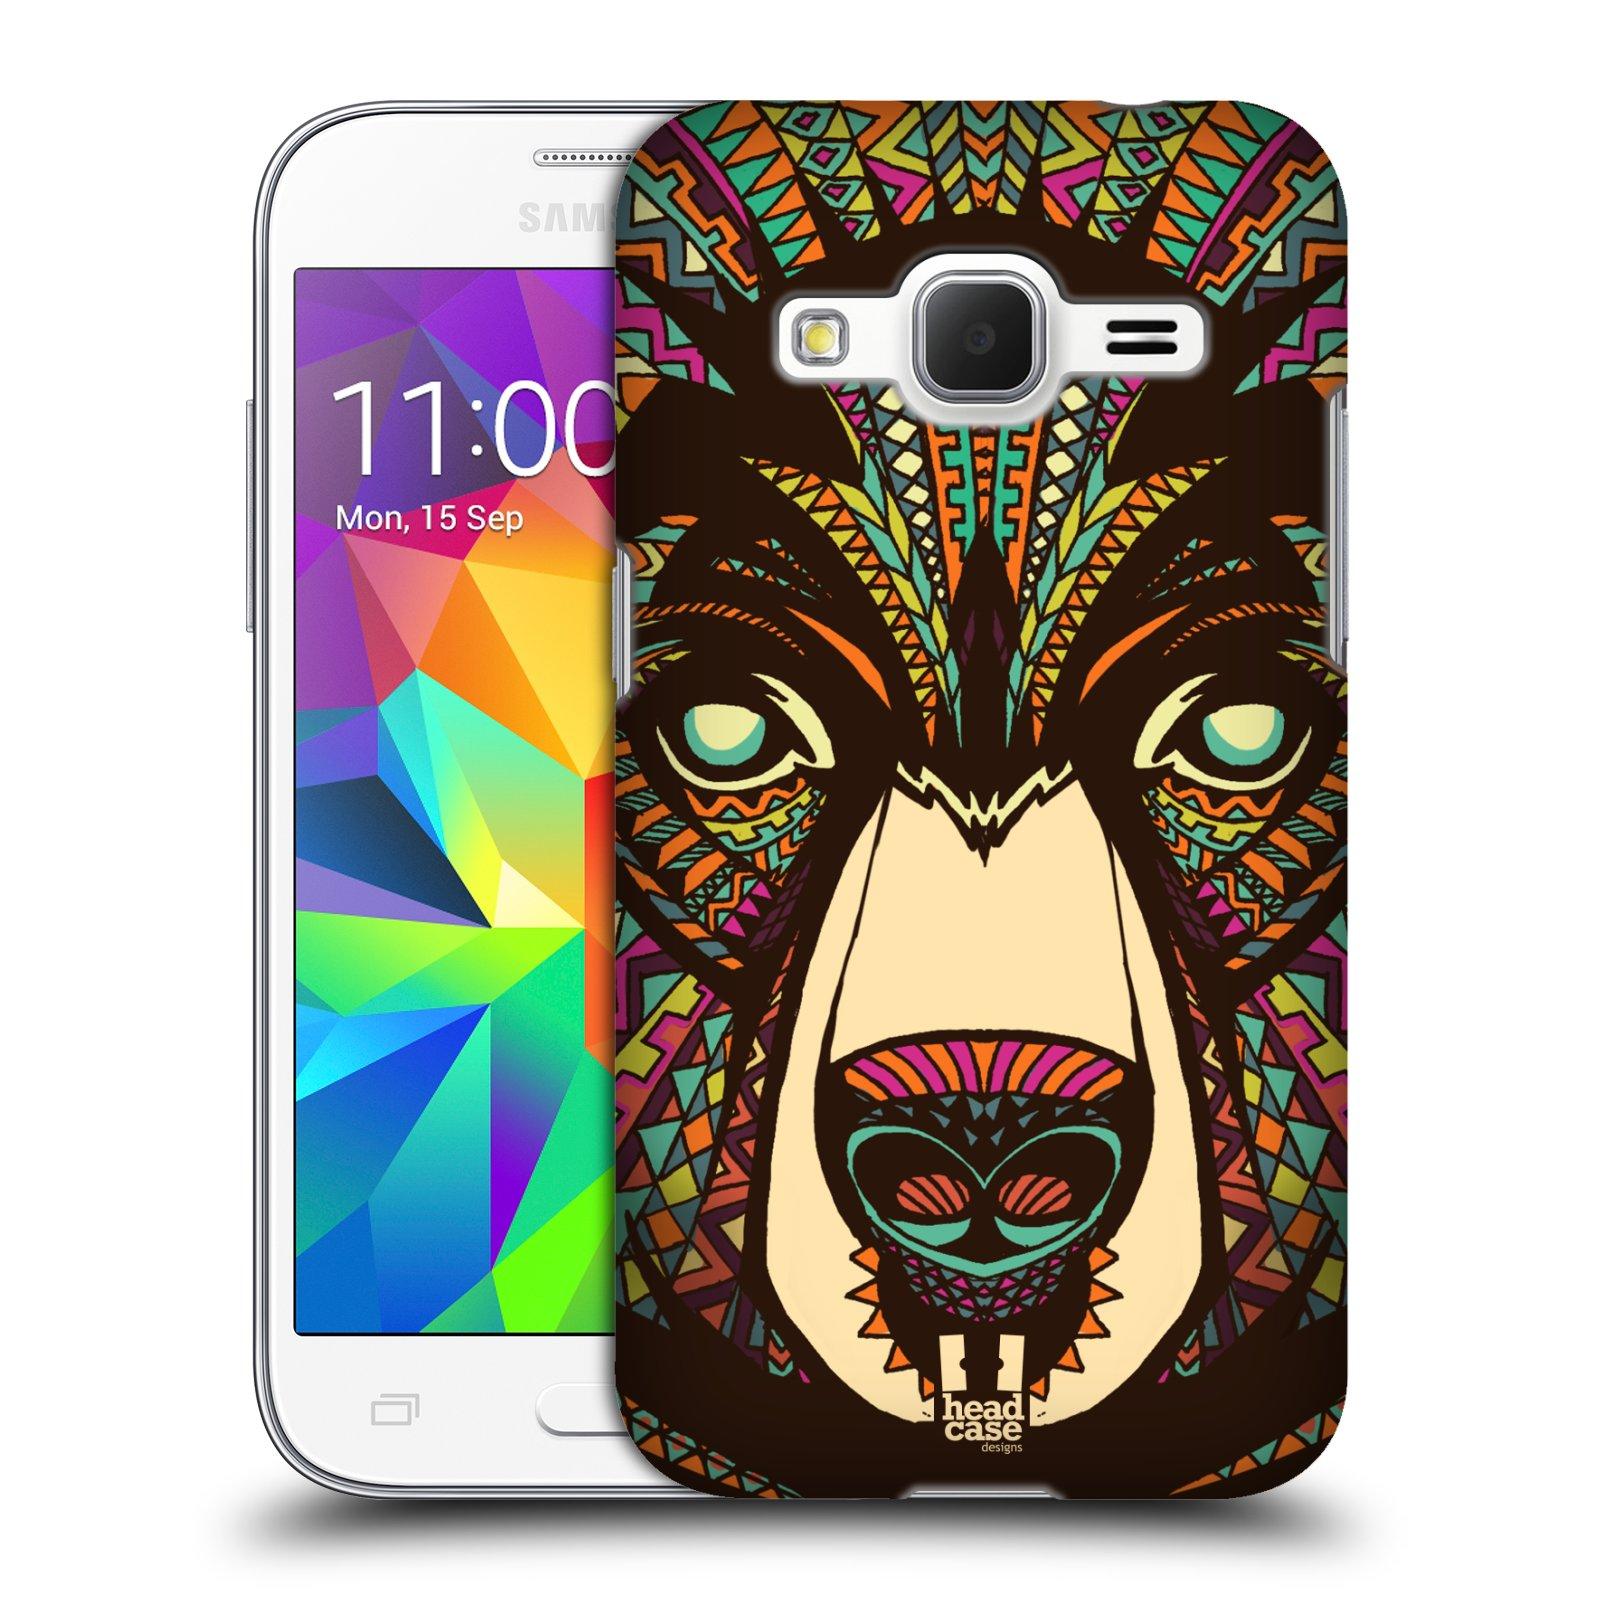 Plastové pouzdro na mobil Samsung Galaxy Core Prime VE HEAD CASE AZTEC MEDVĚD (Kryt či obal na mobilní telefon Samsung Galaxy Core Prime LTE VE SM-G361F)